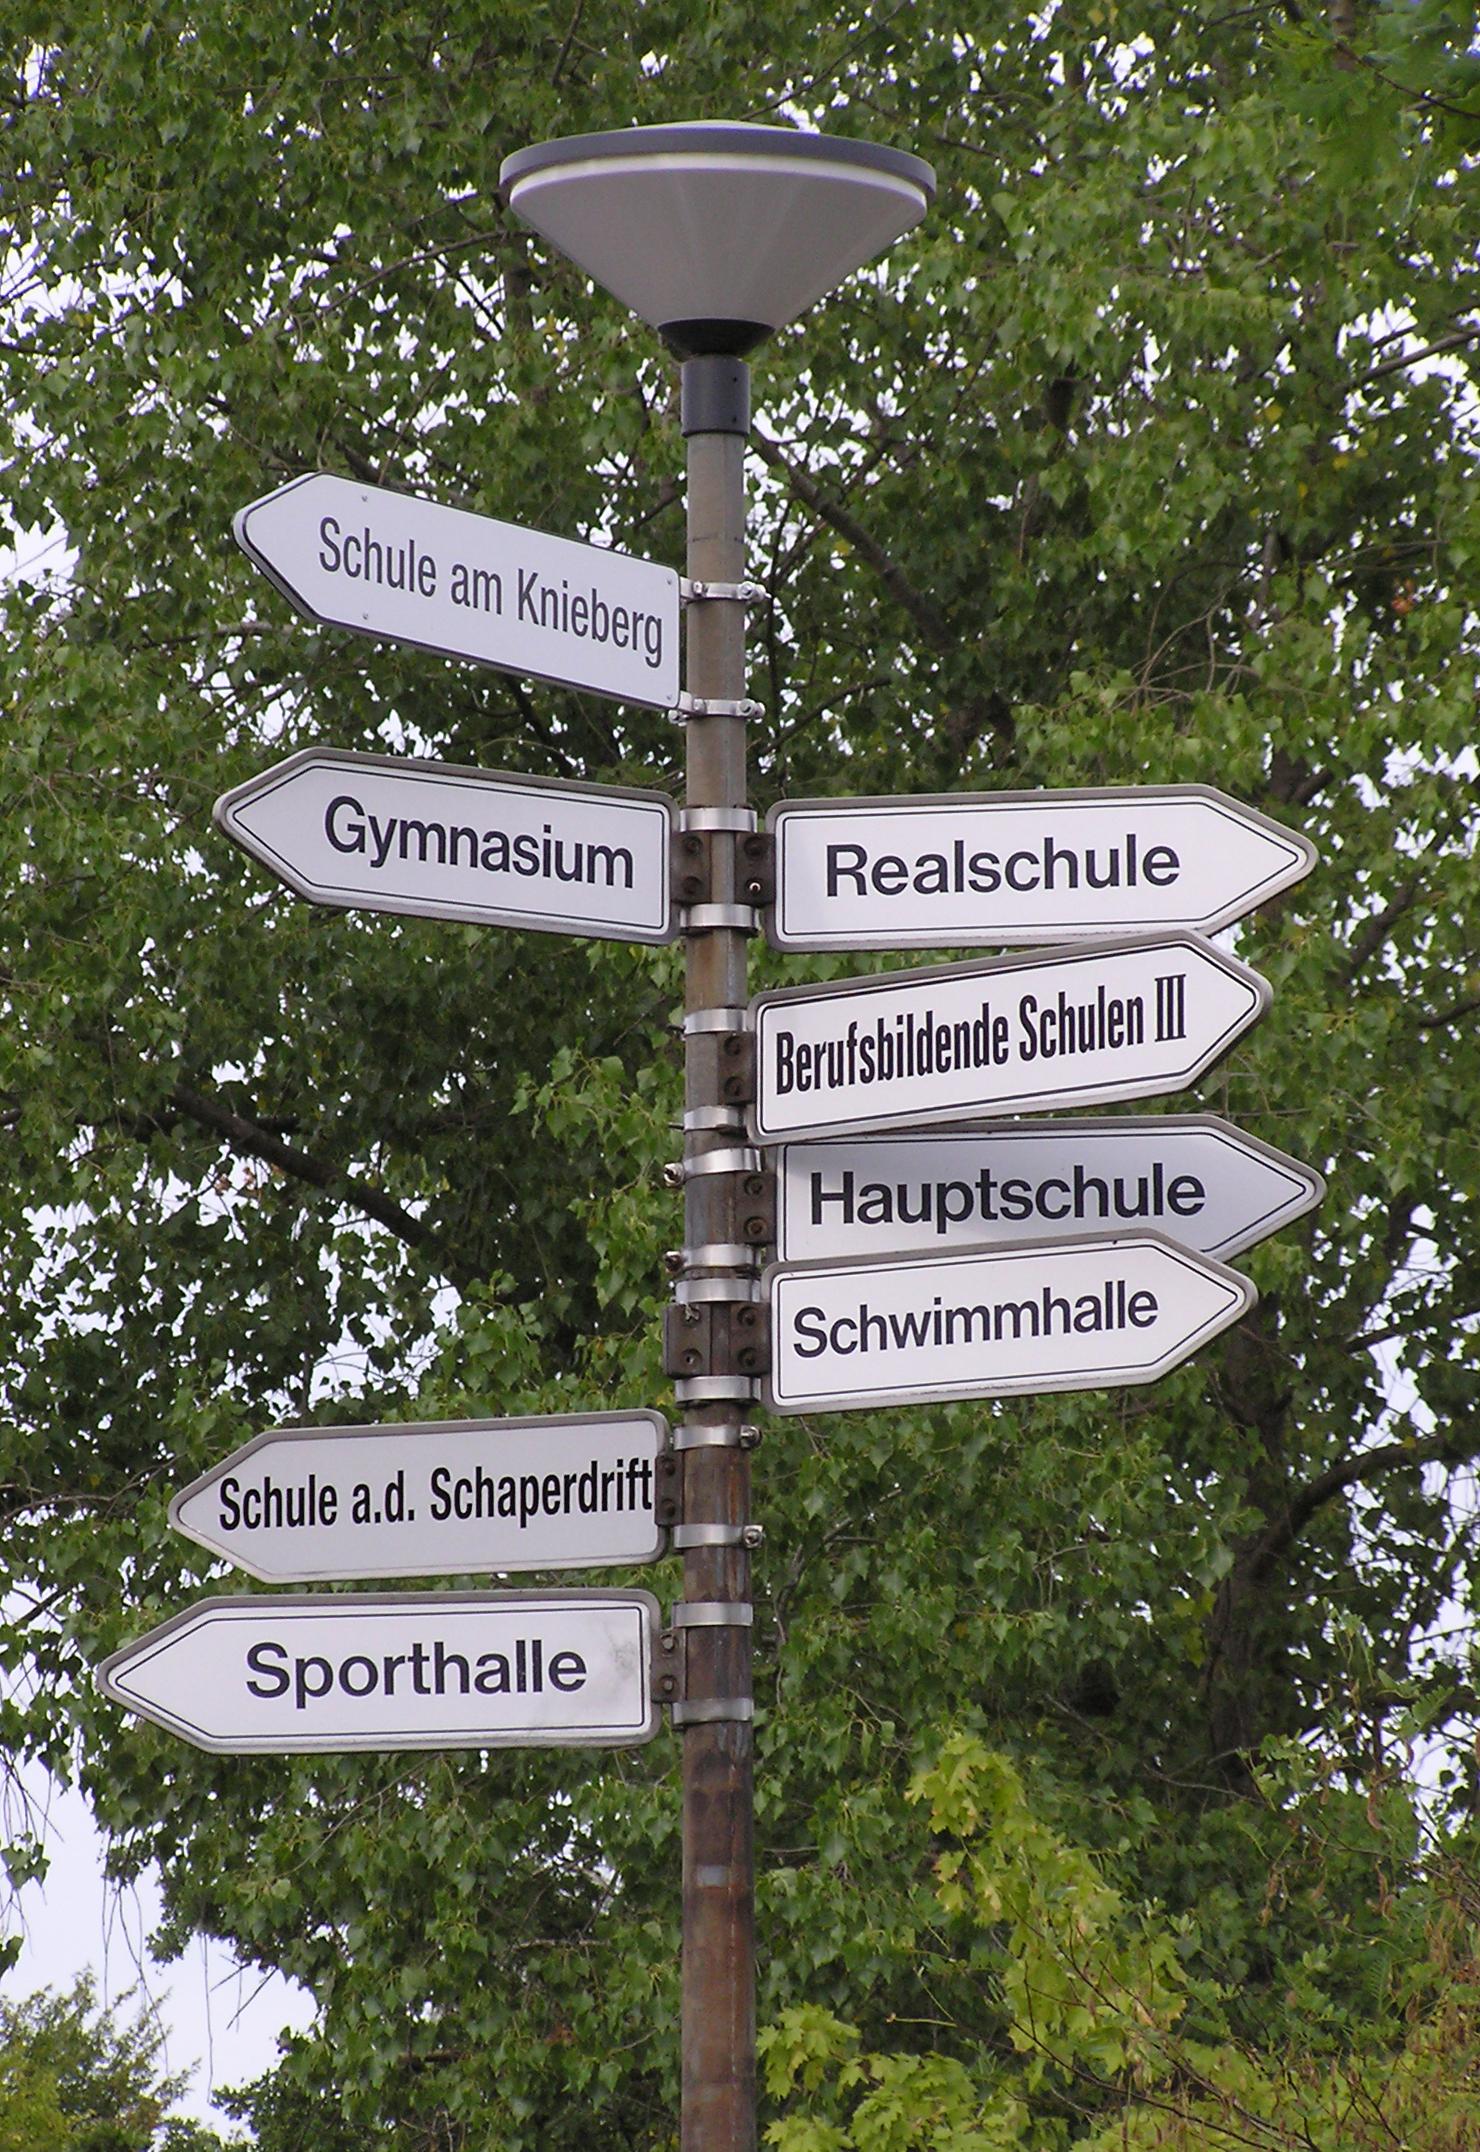 grundständige gymnasien berlinn kritik